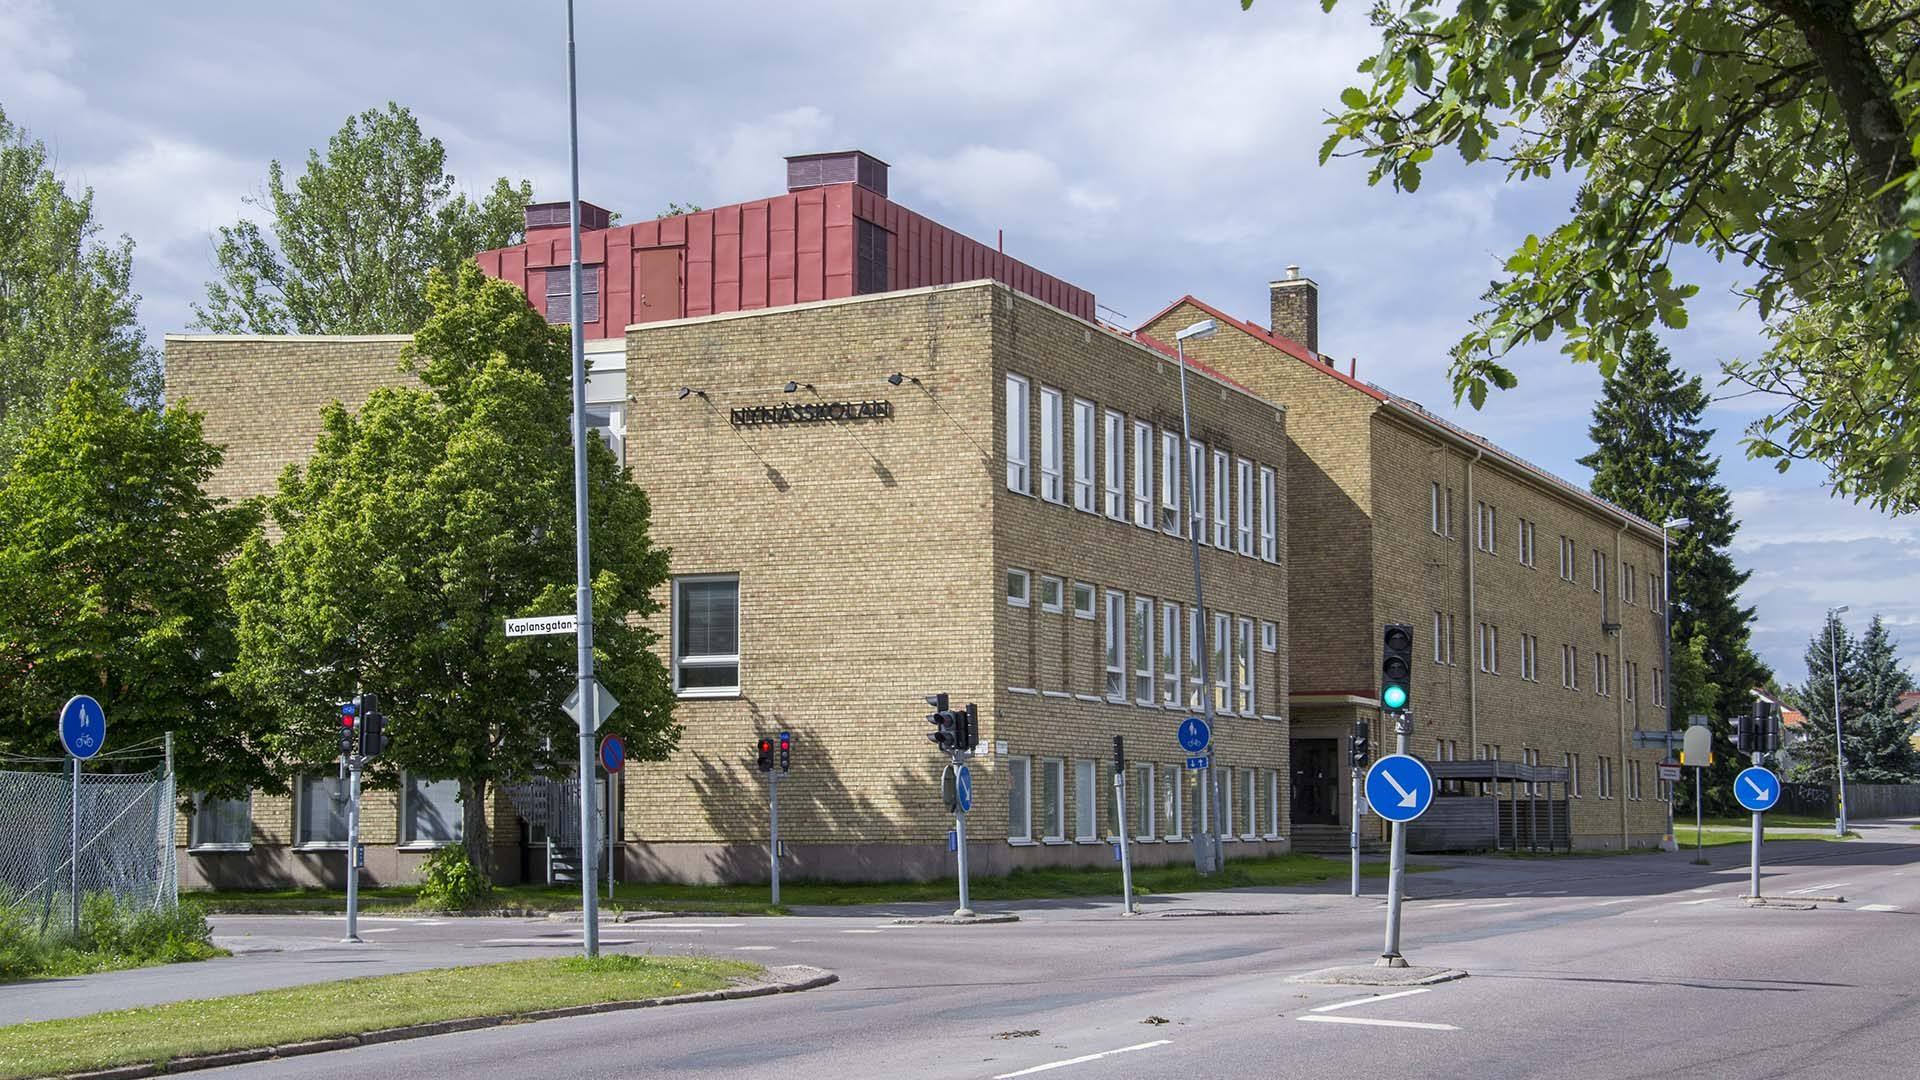 Nynässkolan från utsidan